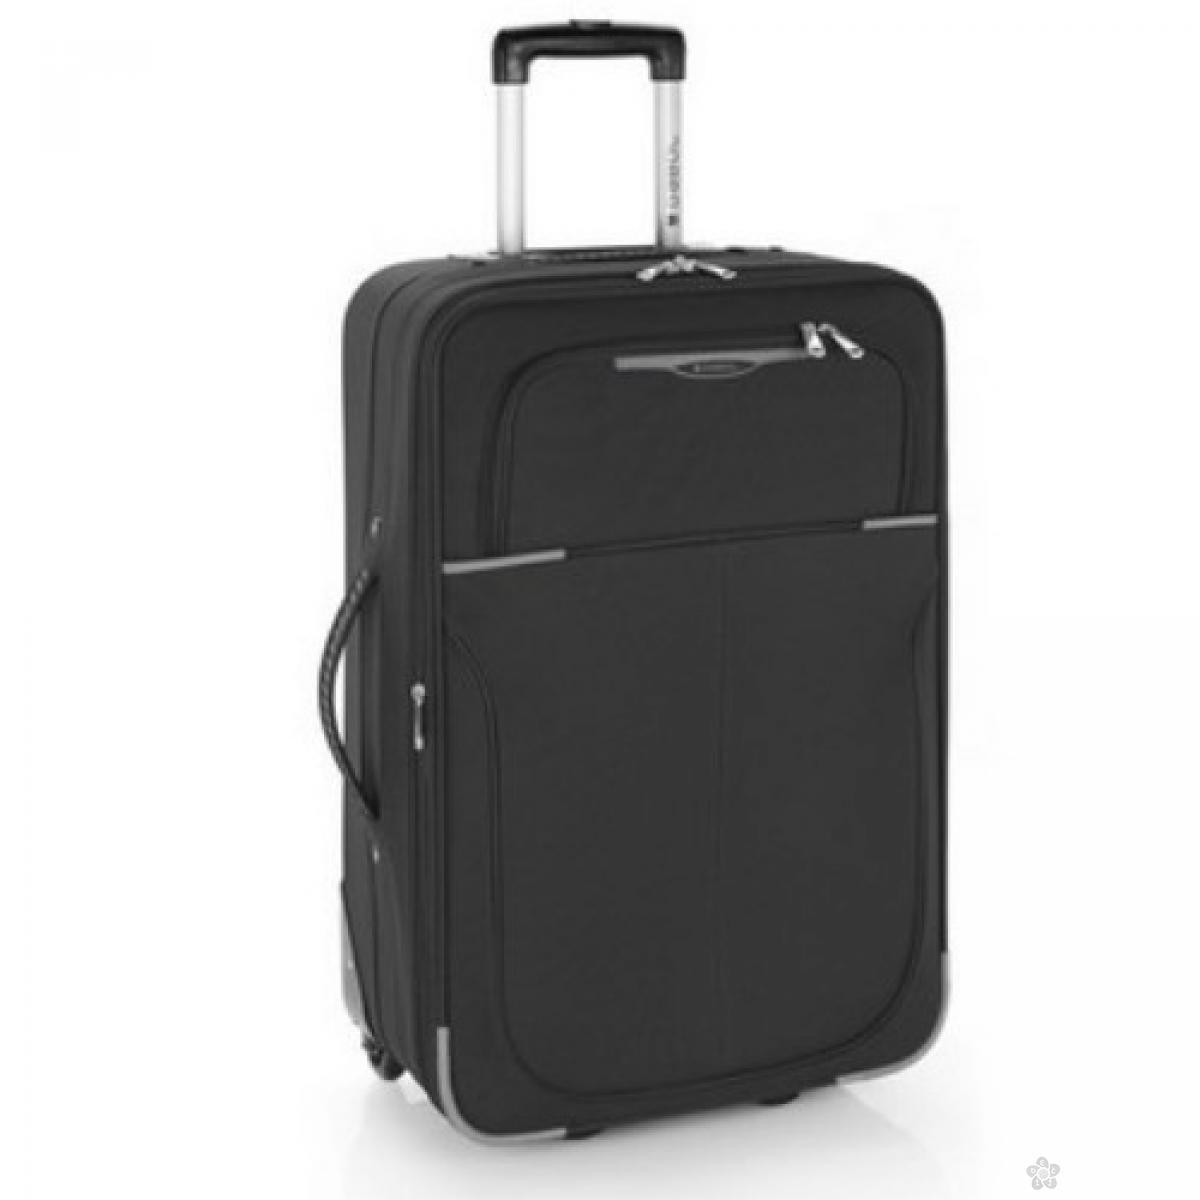 Kofer srednji polyester Malasia crna, 16KG113346B